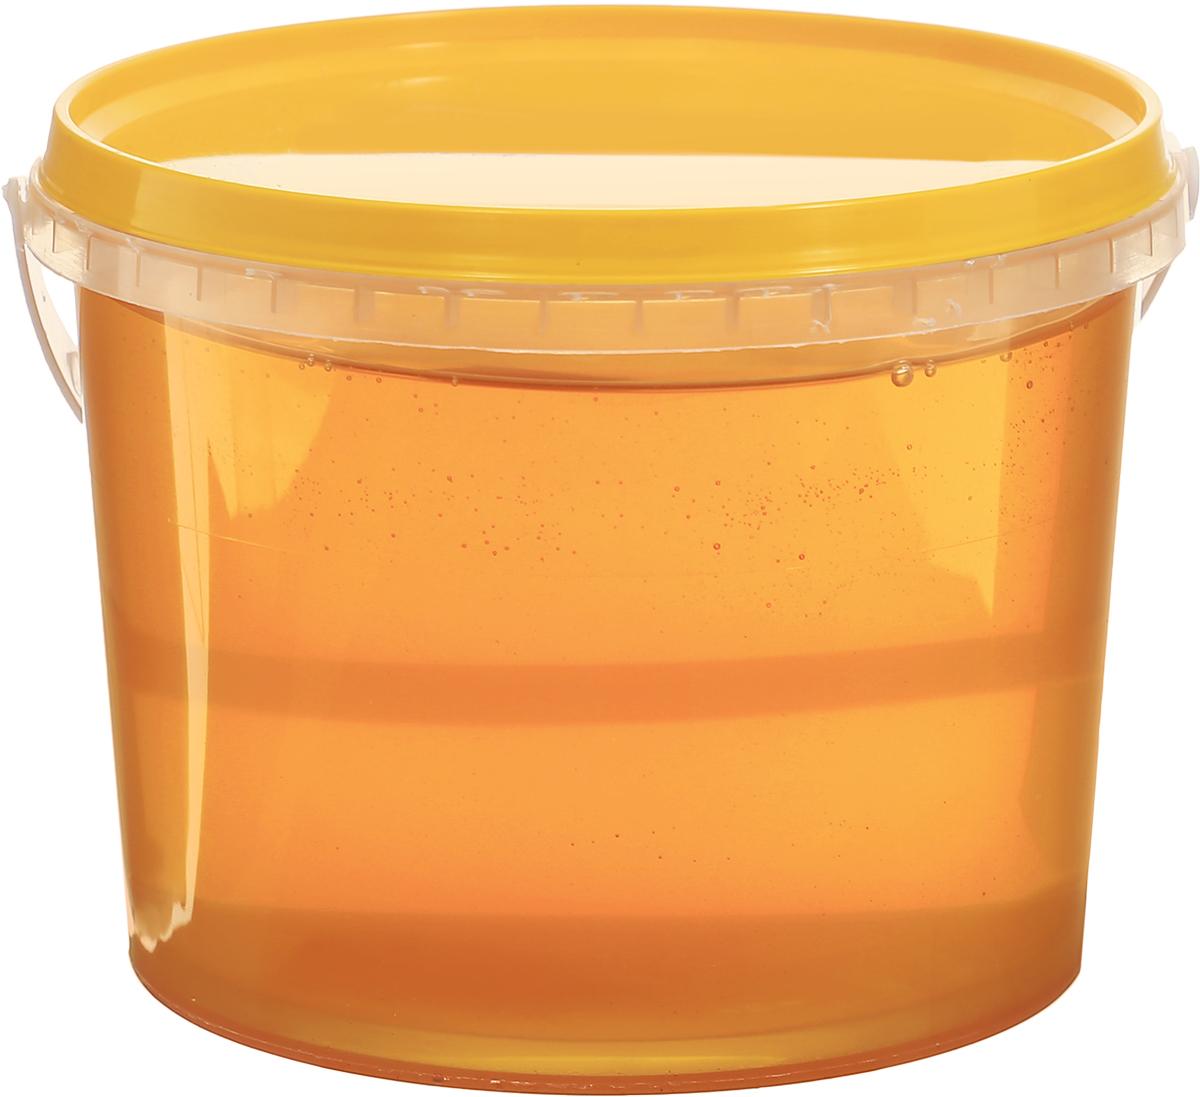 Медовед мед натуральный разнотравье, 1 кг4627123647507Разнотравье - это луговое, степное, посевное разнотравье. Обилие трав, цветов, кустарников: гречиха, эспарцет, донник, подсолнух, одуванчик, медуница, ромашка. Мед имеет ярко выраженный вкус и аромат, с преобладанием доминирующего медоноса.Название меда говорит само за себя. Зачастую в таком меде присутствует нектар, собранный и переработанный со многих растений, придающих меду специфический аромат и вкус. Цвет его может быть от светло-желтого до темного, аромат и вкус - от нежного слабого до резкого, кристаллизация от салообразной до крупнозернистой.Показания к применению: при воспалительных заболеваниях кожи, для лечения гноящихся ран. Мед обладает успокаивающим действием на центральную нервную систему, улучшает деятельность сердца. Применяется как кровоочистительное и успокаивающее средство, при хроническом бронхите, при беспокойстве и одышке, при простудных заболеваниях, для укрепления иммунитета.Целебные сорта мёда. Статья OZON Гид